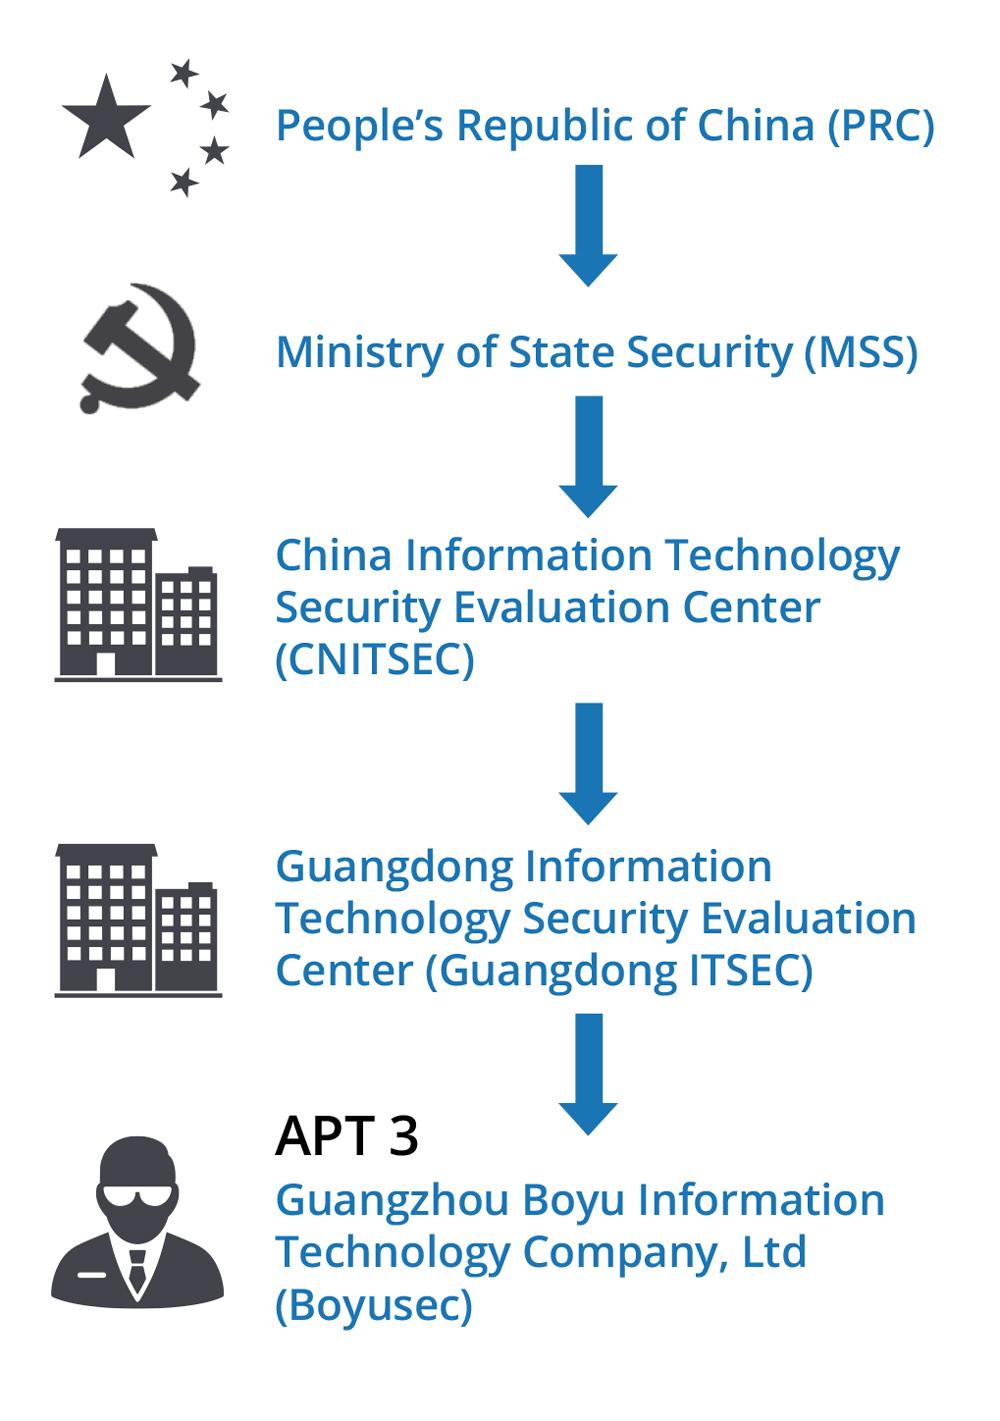 APT3 China